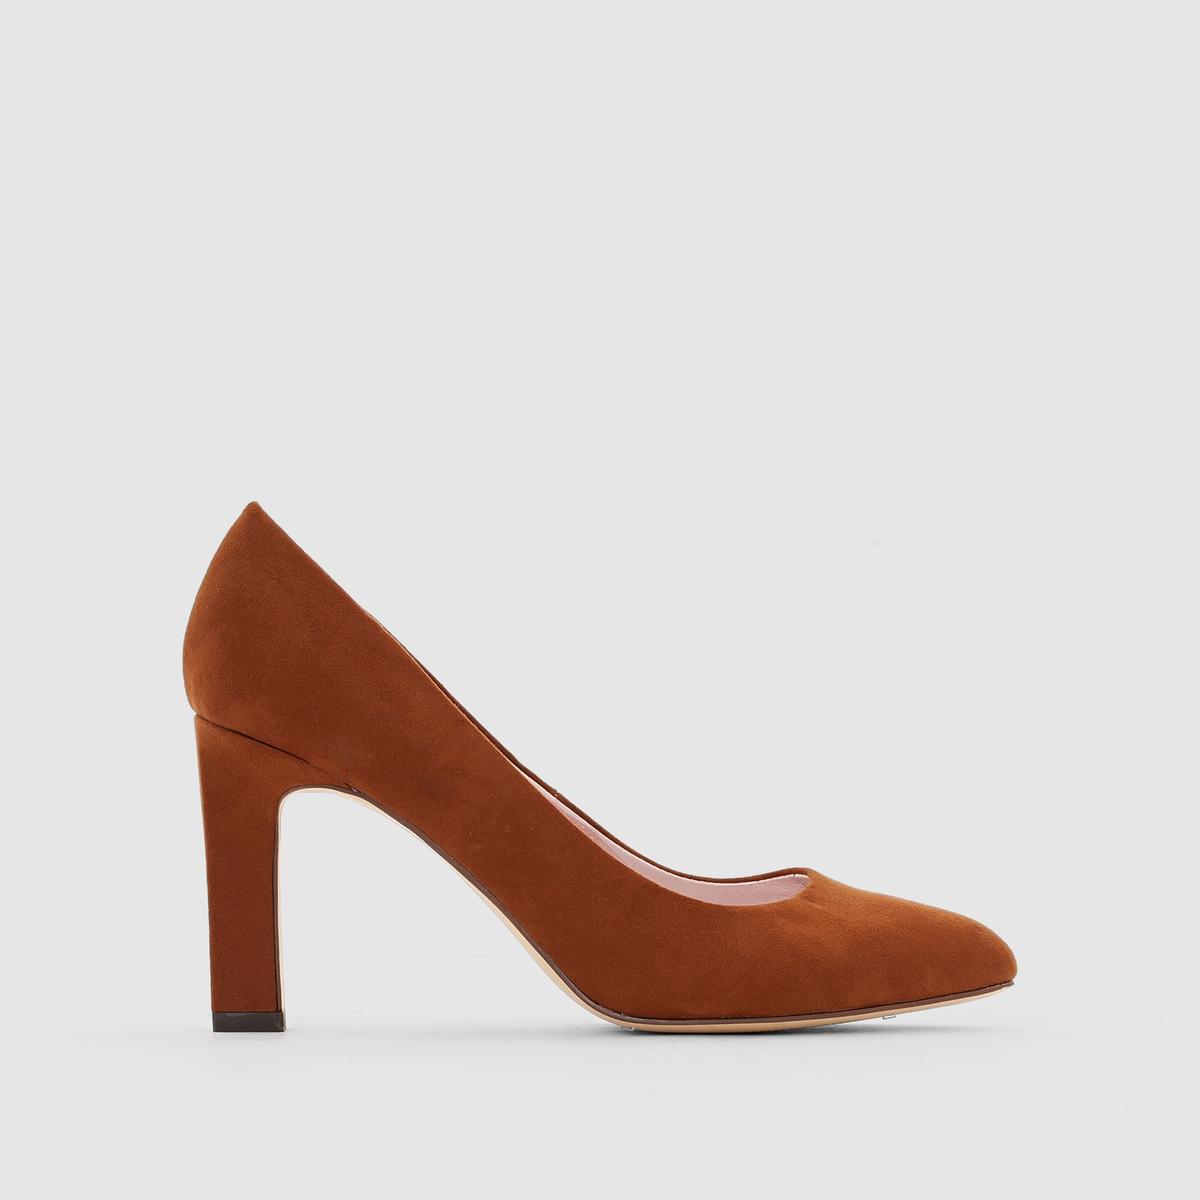 Туфли из искусственной замши на квадратном каблукеВерх : искусственная замша     Подкладка : кожа     Стелька : кожа     Подошва : эластомер     Высота каблука : 9 см     Форма каблука : квадратный  Мысок : заостренный     Преимущества : классические туфли, изящные и очень женственные.               Эта модель маломерит. Мы рекомендуем Вам заказывать модель на один размер больше Вашего обычного размера.<br><br>Цвет: темно-бежевый<br>Размер: 36.37.39